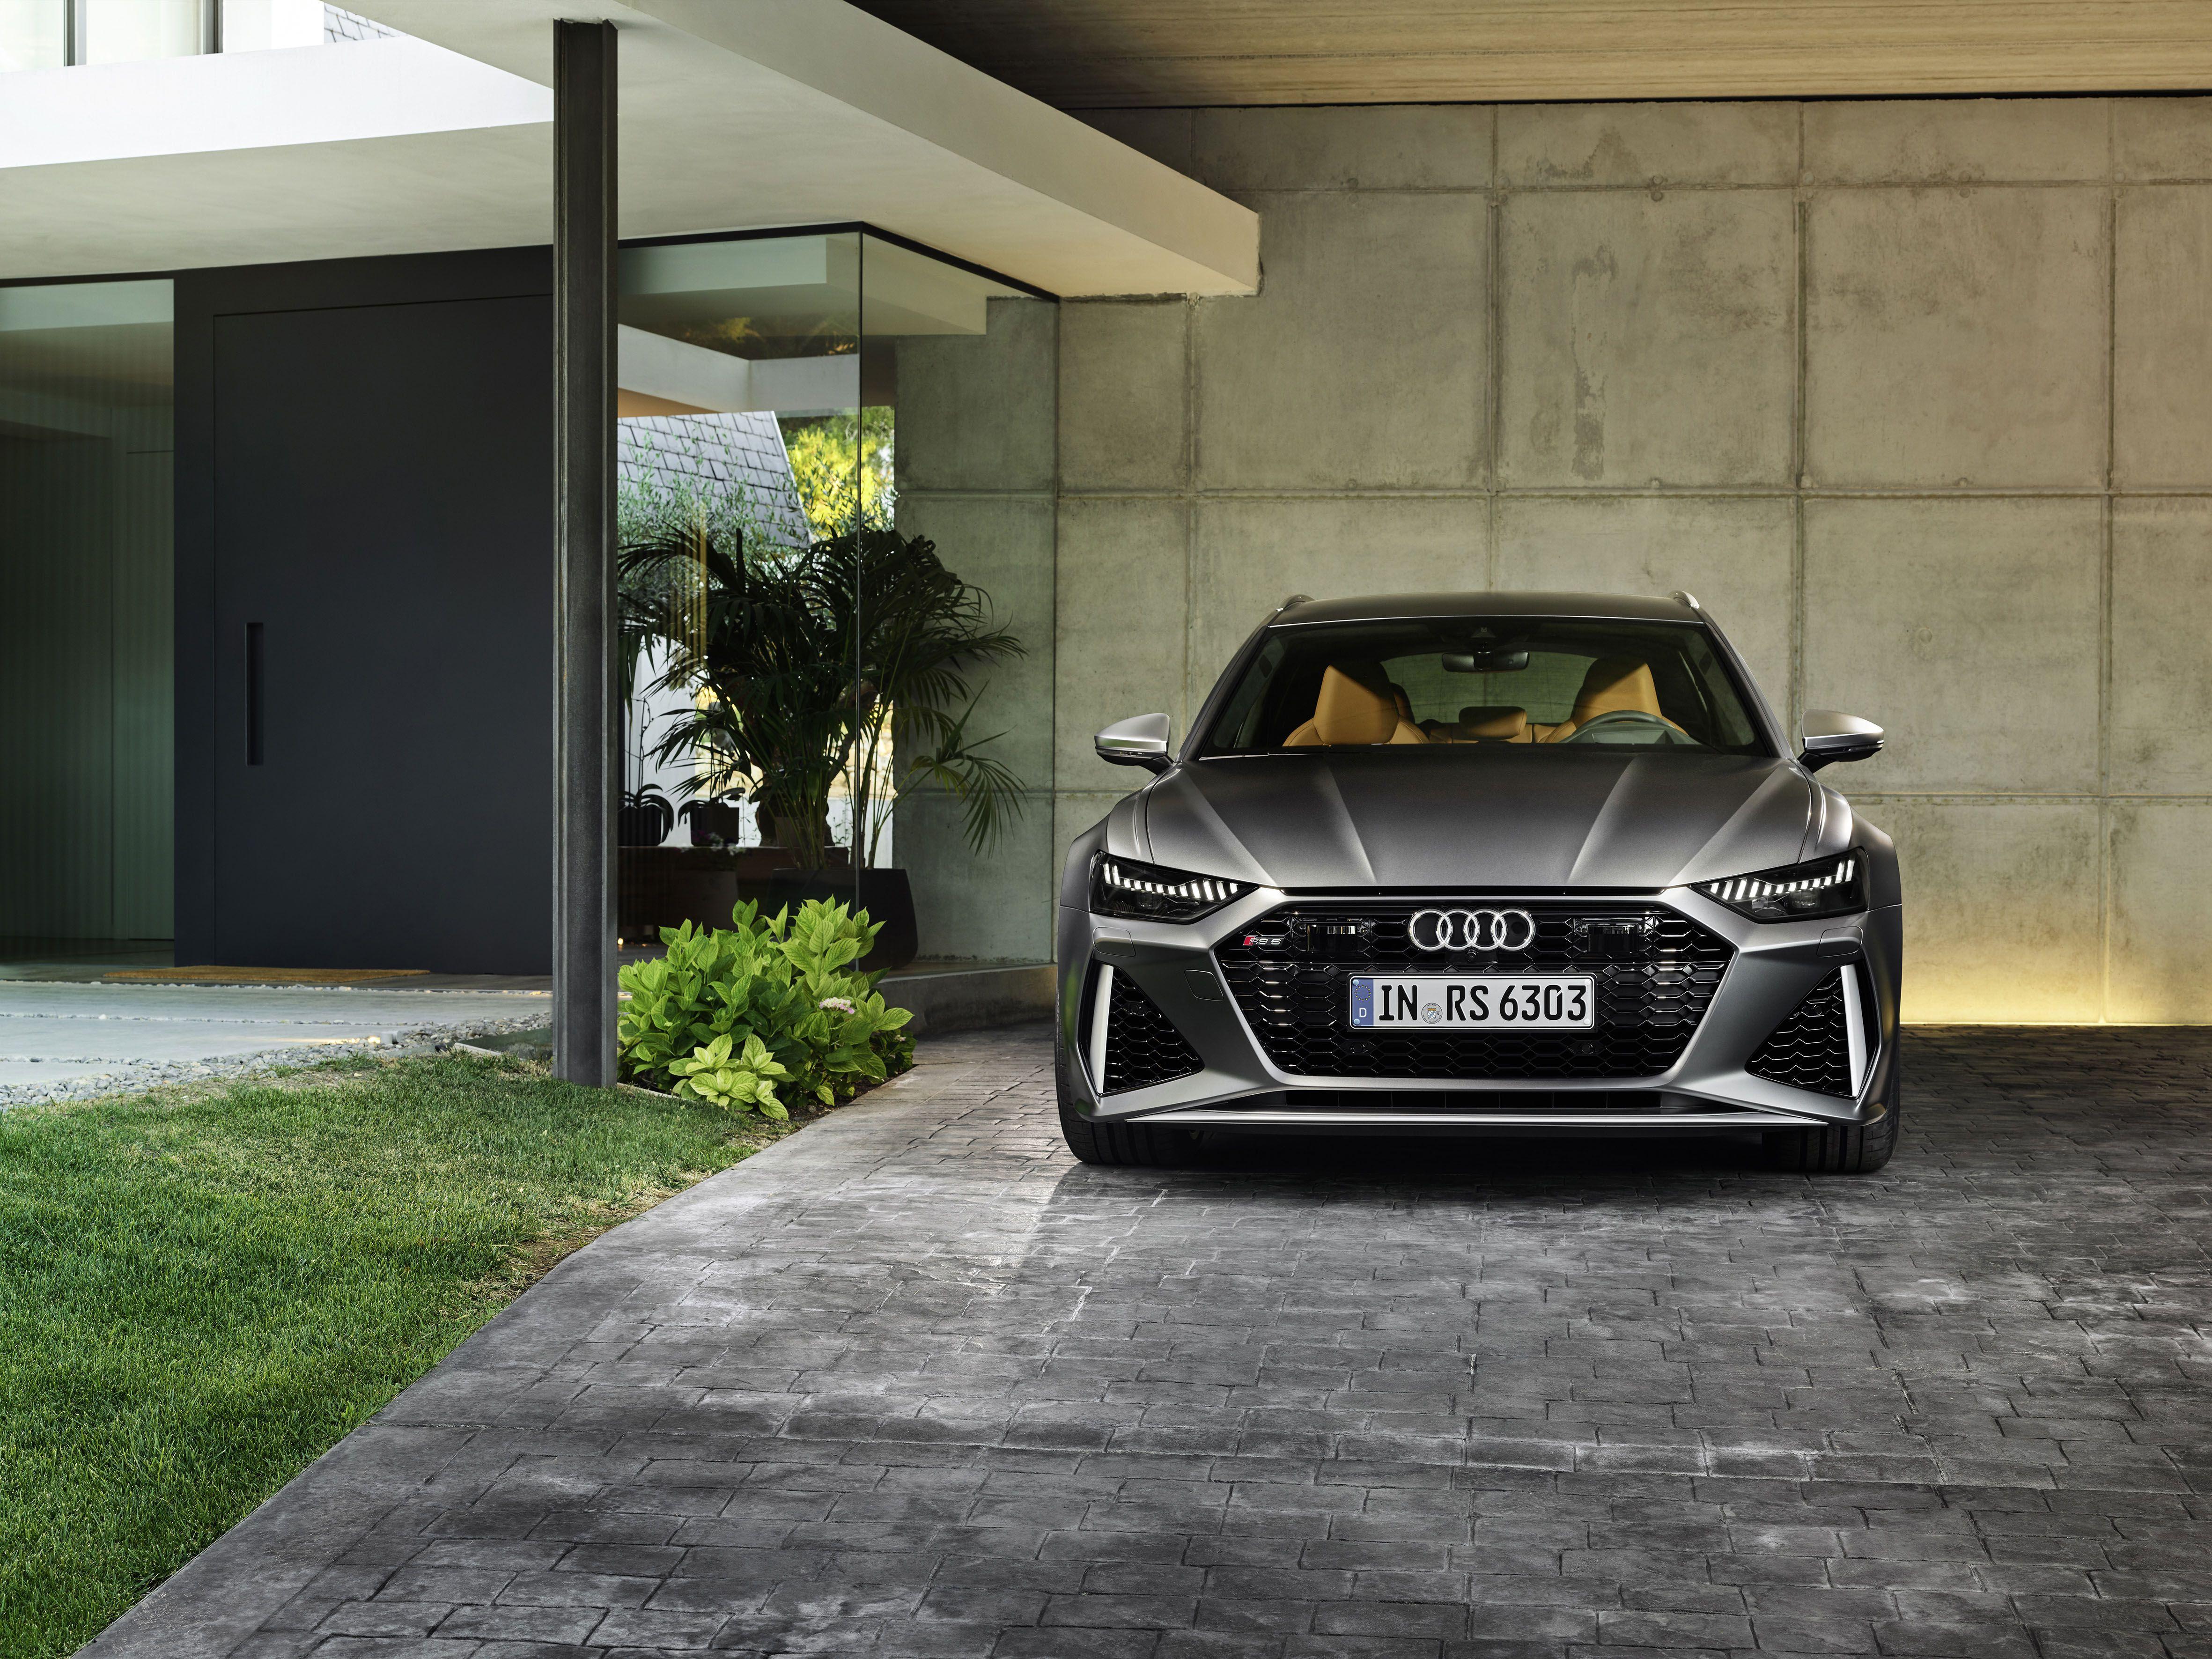 Grey Audi RS6